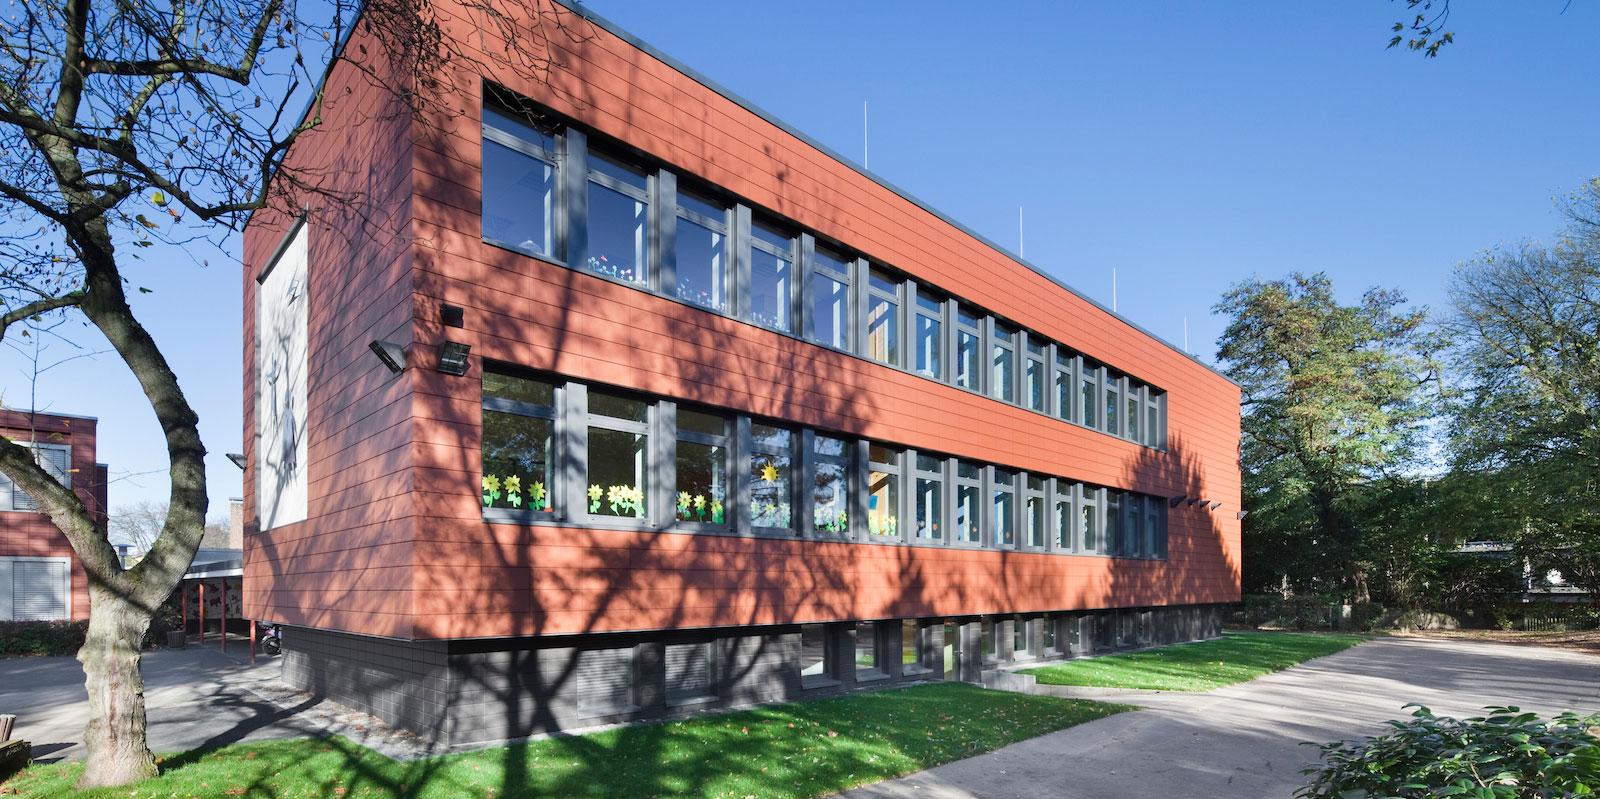 Bodelschwinghschule Bonn Friesdorf